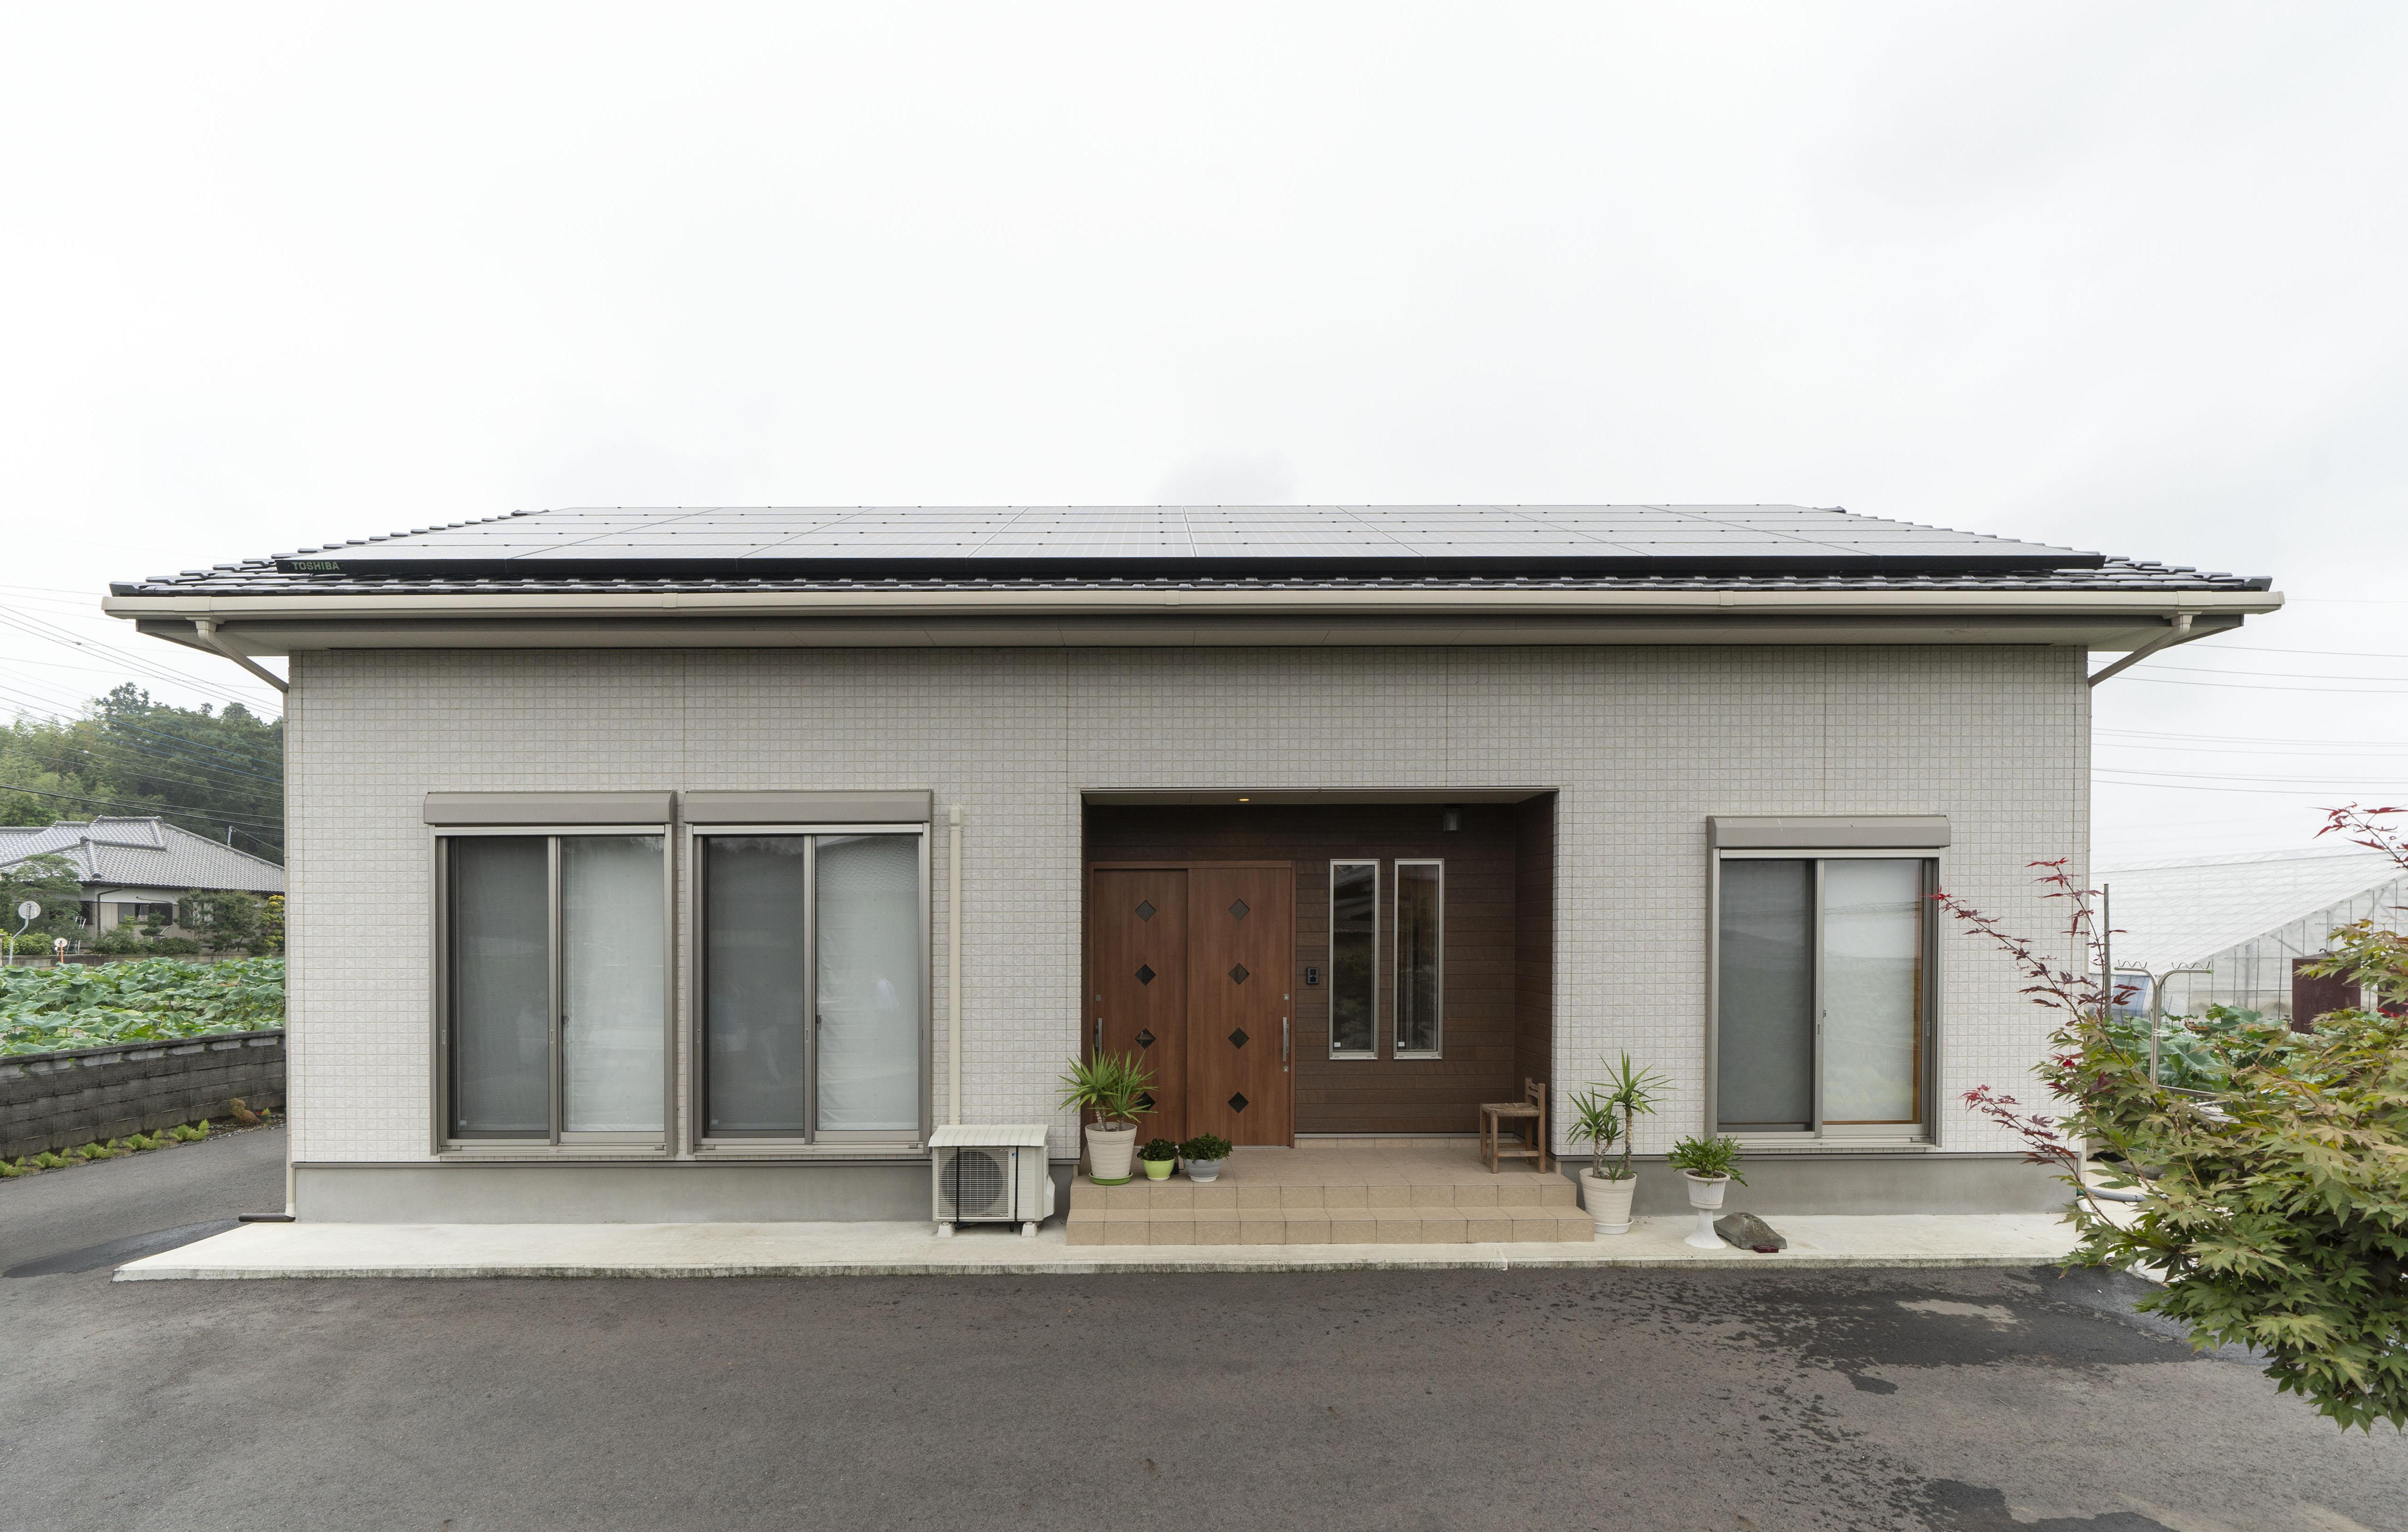 茨城の注文住宅で建てた平屋の外観:茨城の広い空なら太陽光発電もしやすい